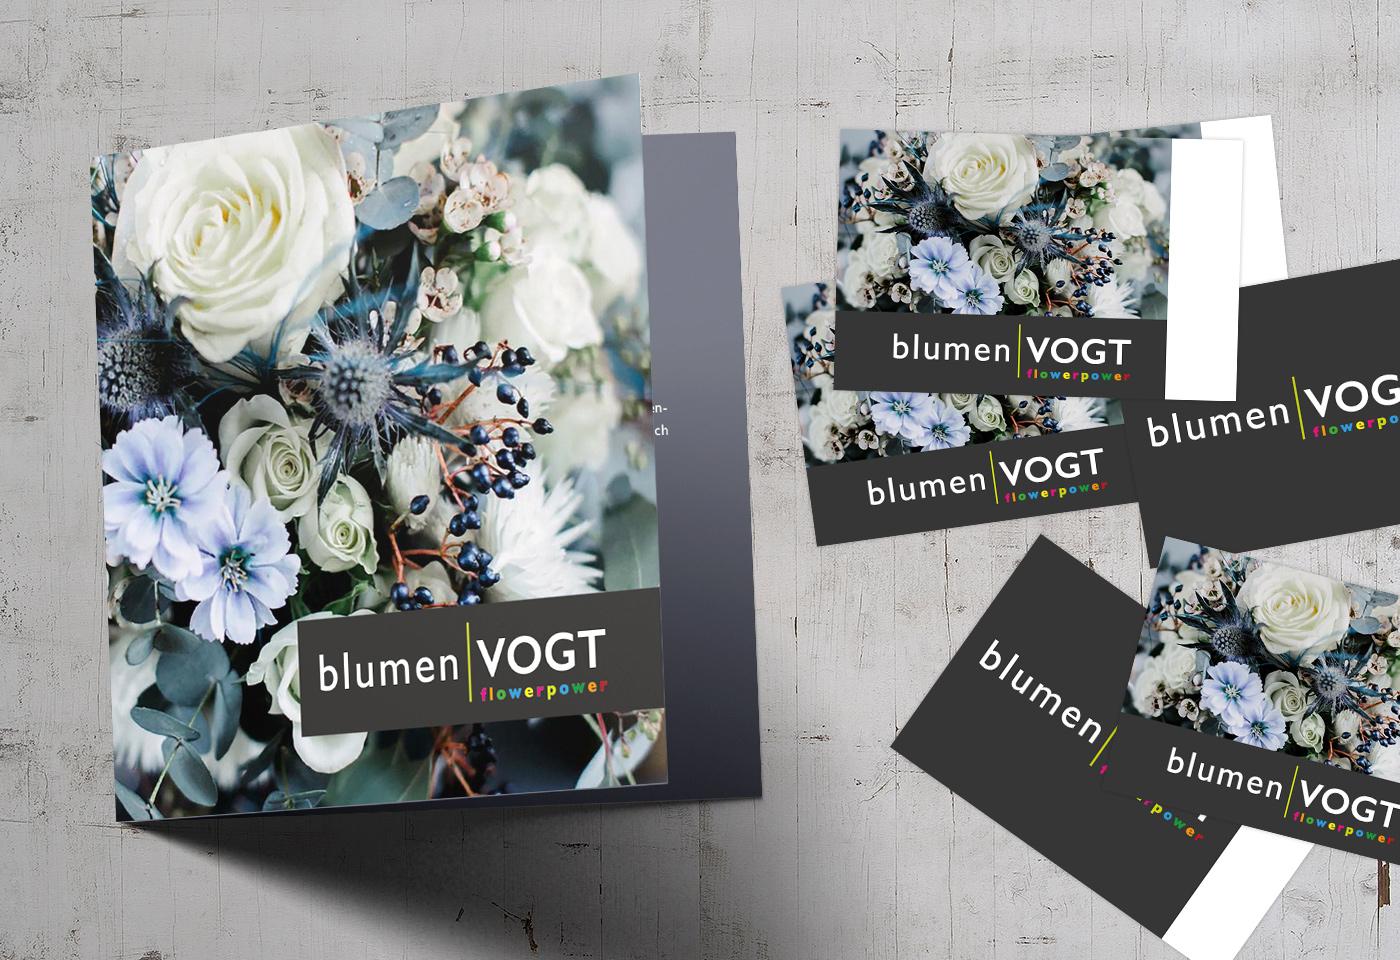 Geschäftsausstattung/Flyer- & Visitenkartendesign: blumenVOGT Giessen